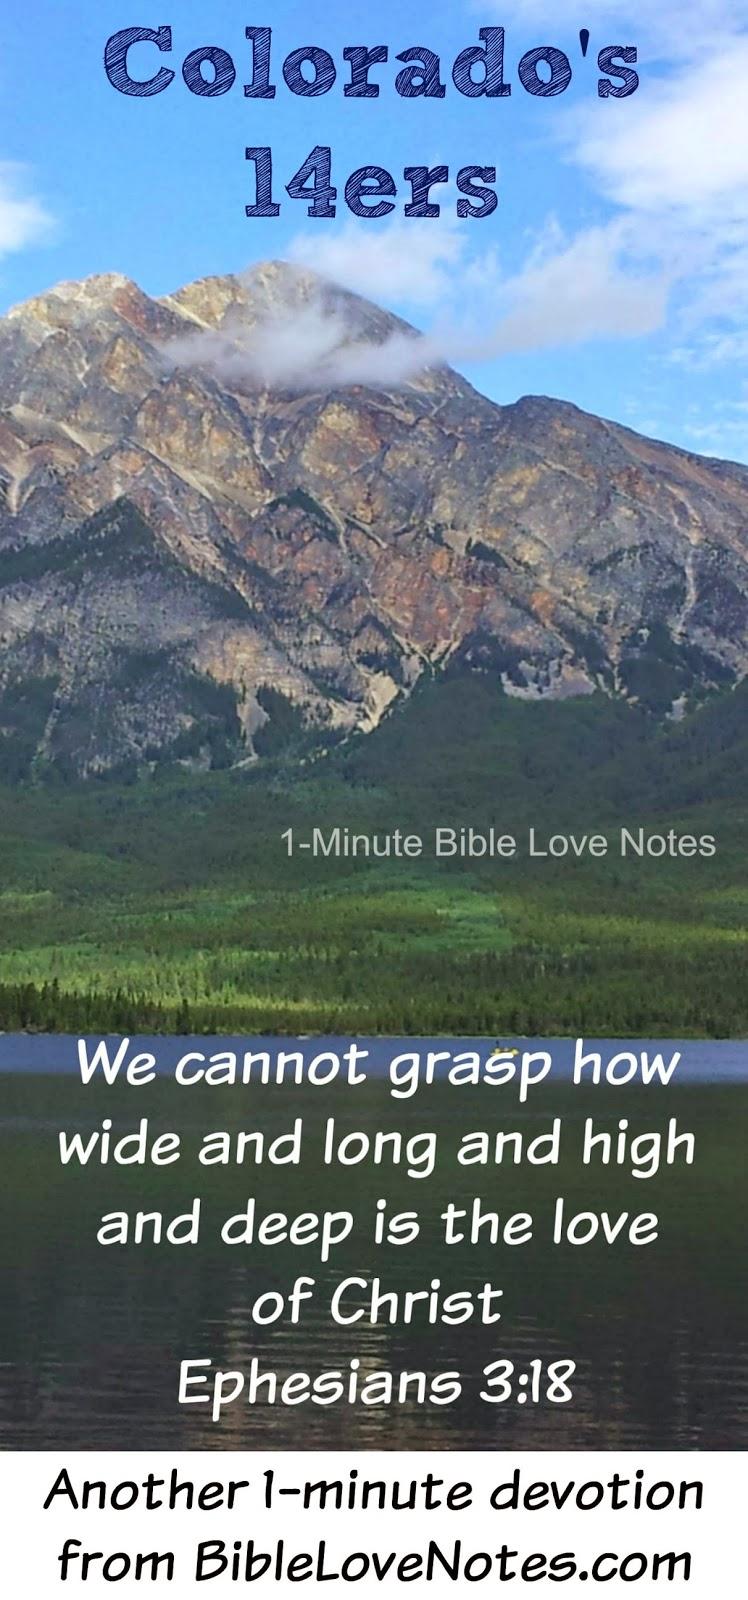 Colorado 14ers, 14ers mountains, climb mountains, Colorado, God's great love, God's love like mountains